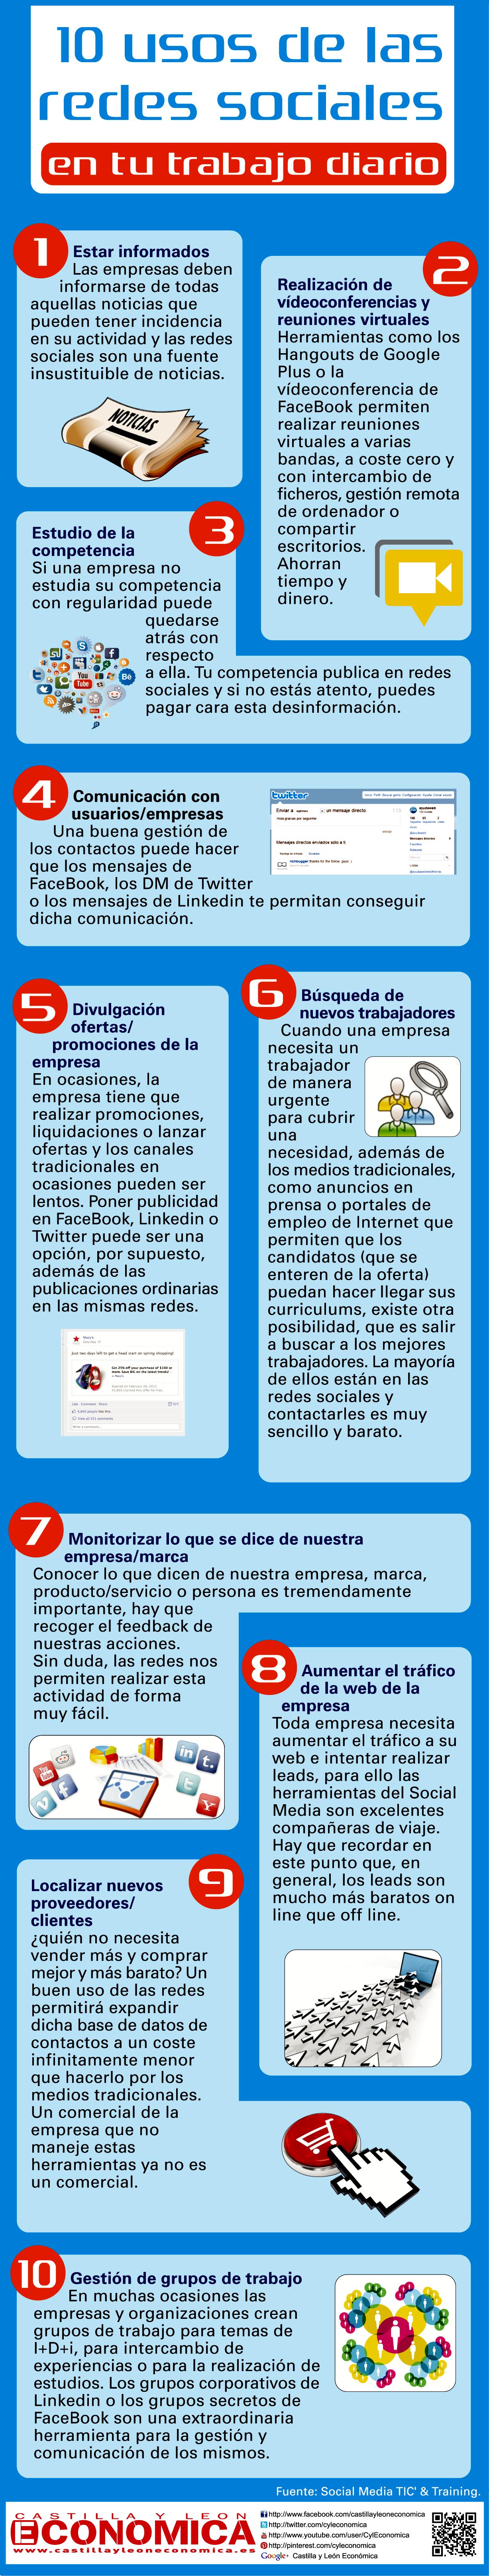 10 usos de las redes sociales en tu trabajo diario #infografia  #socialmedia